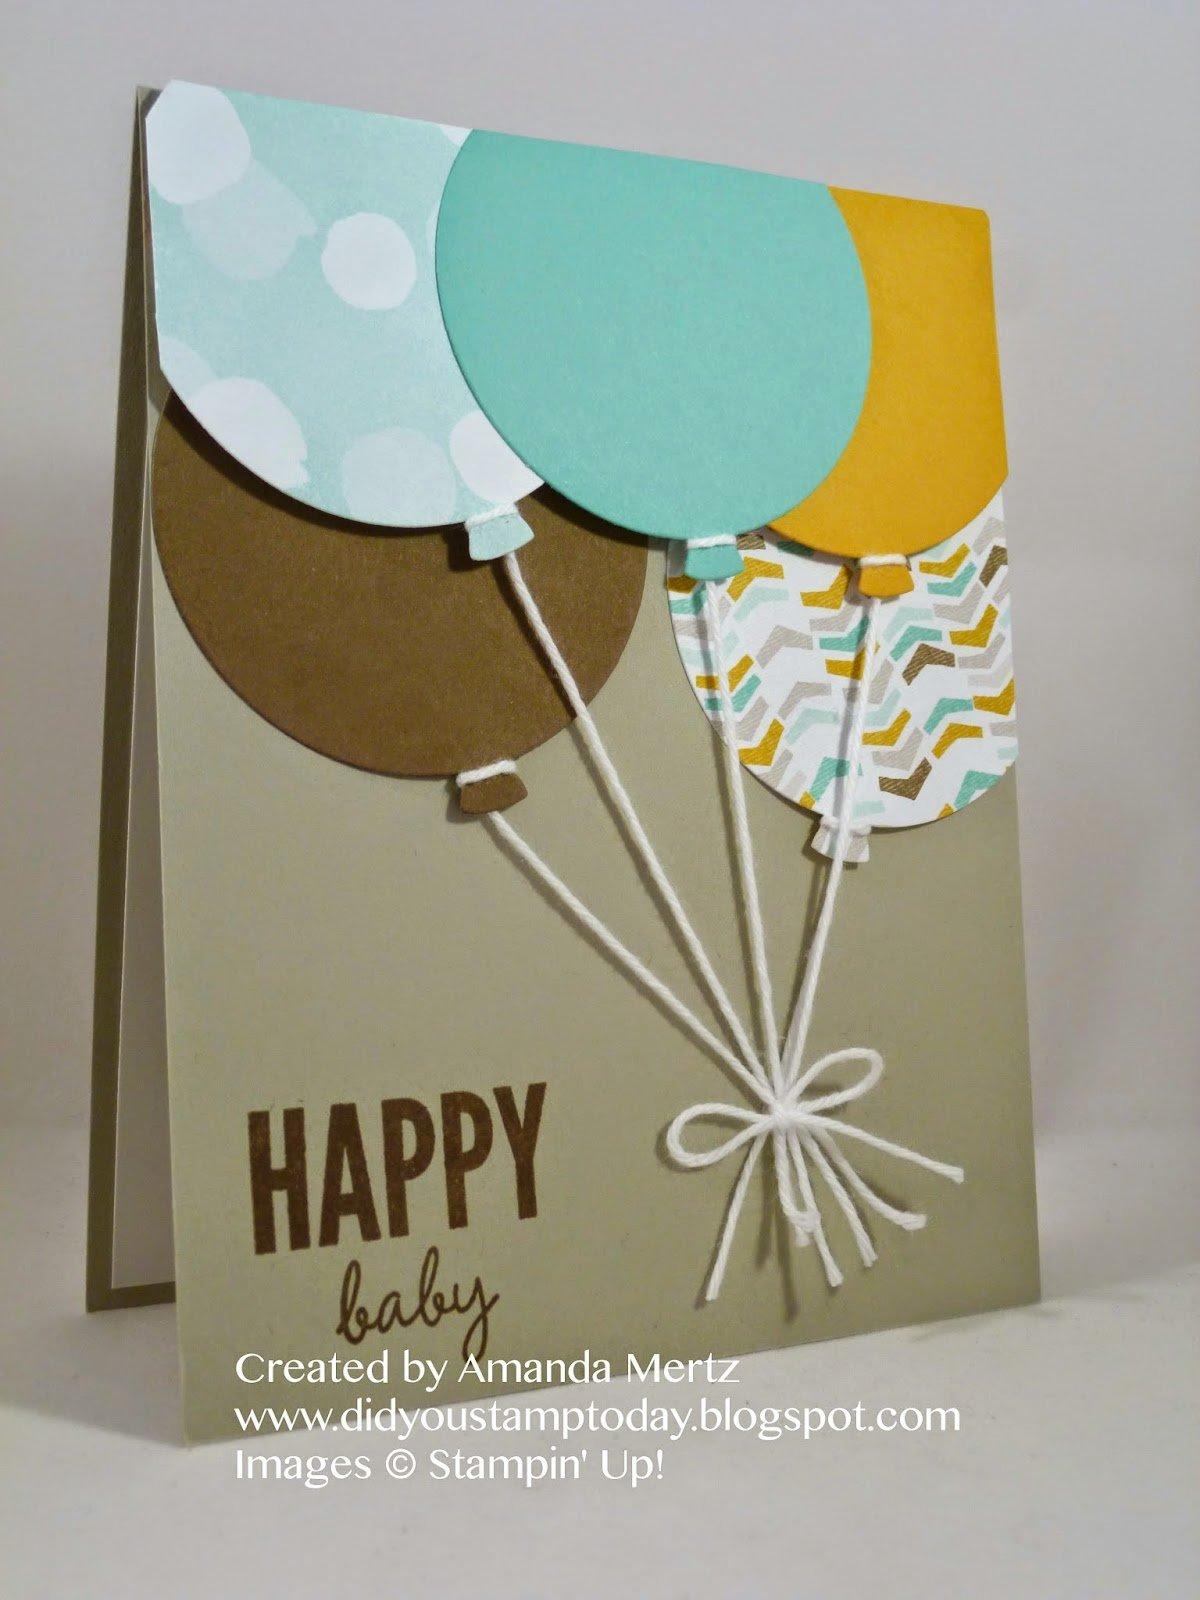 маленьке открытки сделать своими руками для мужчин на день рождения штатива неудобно